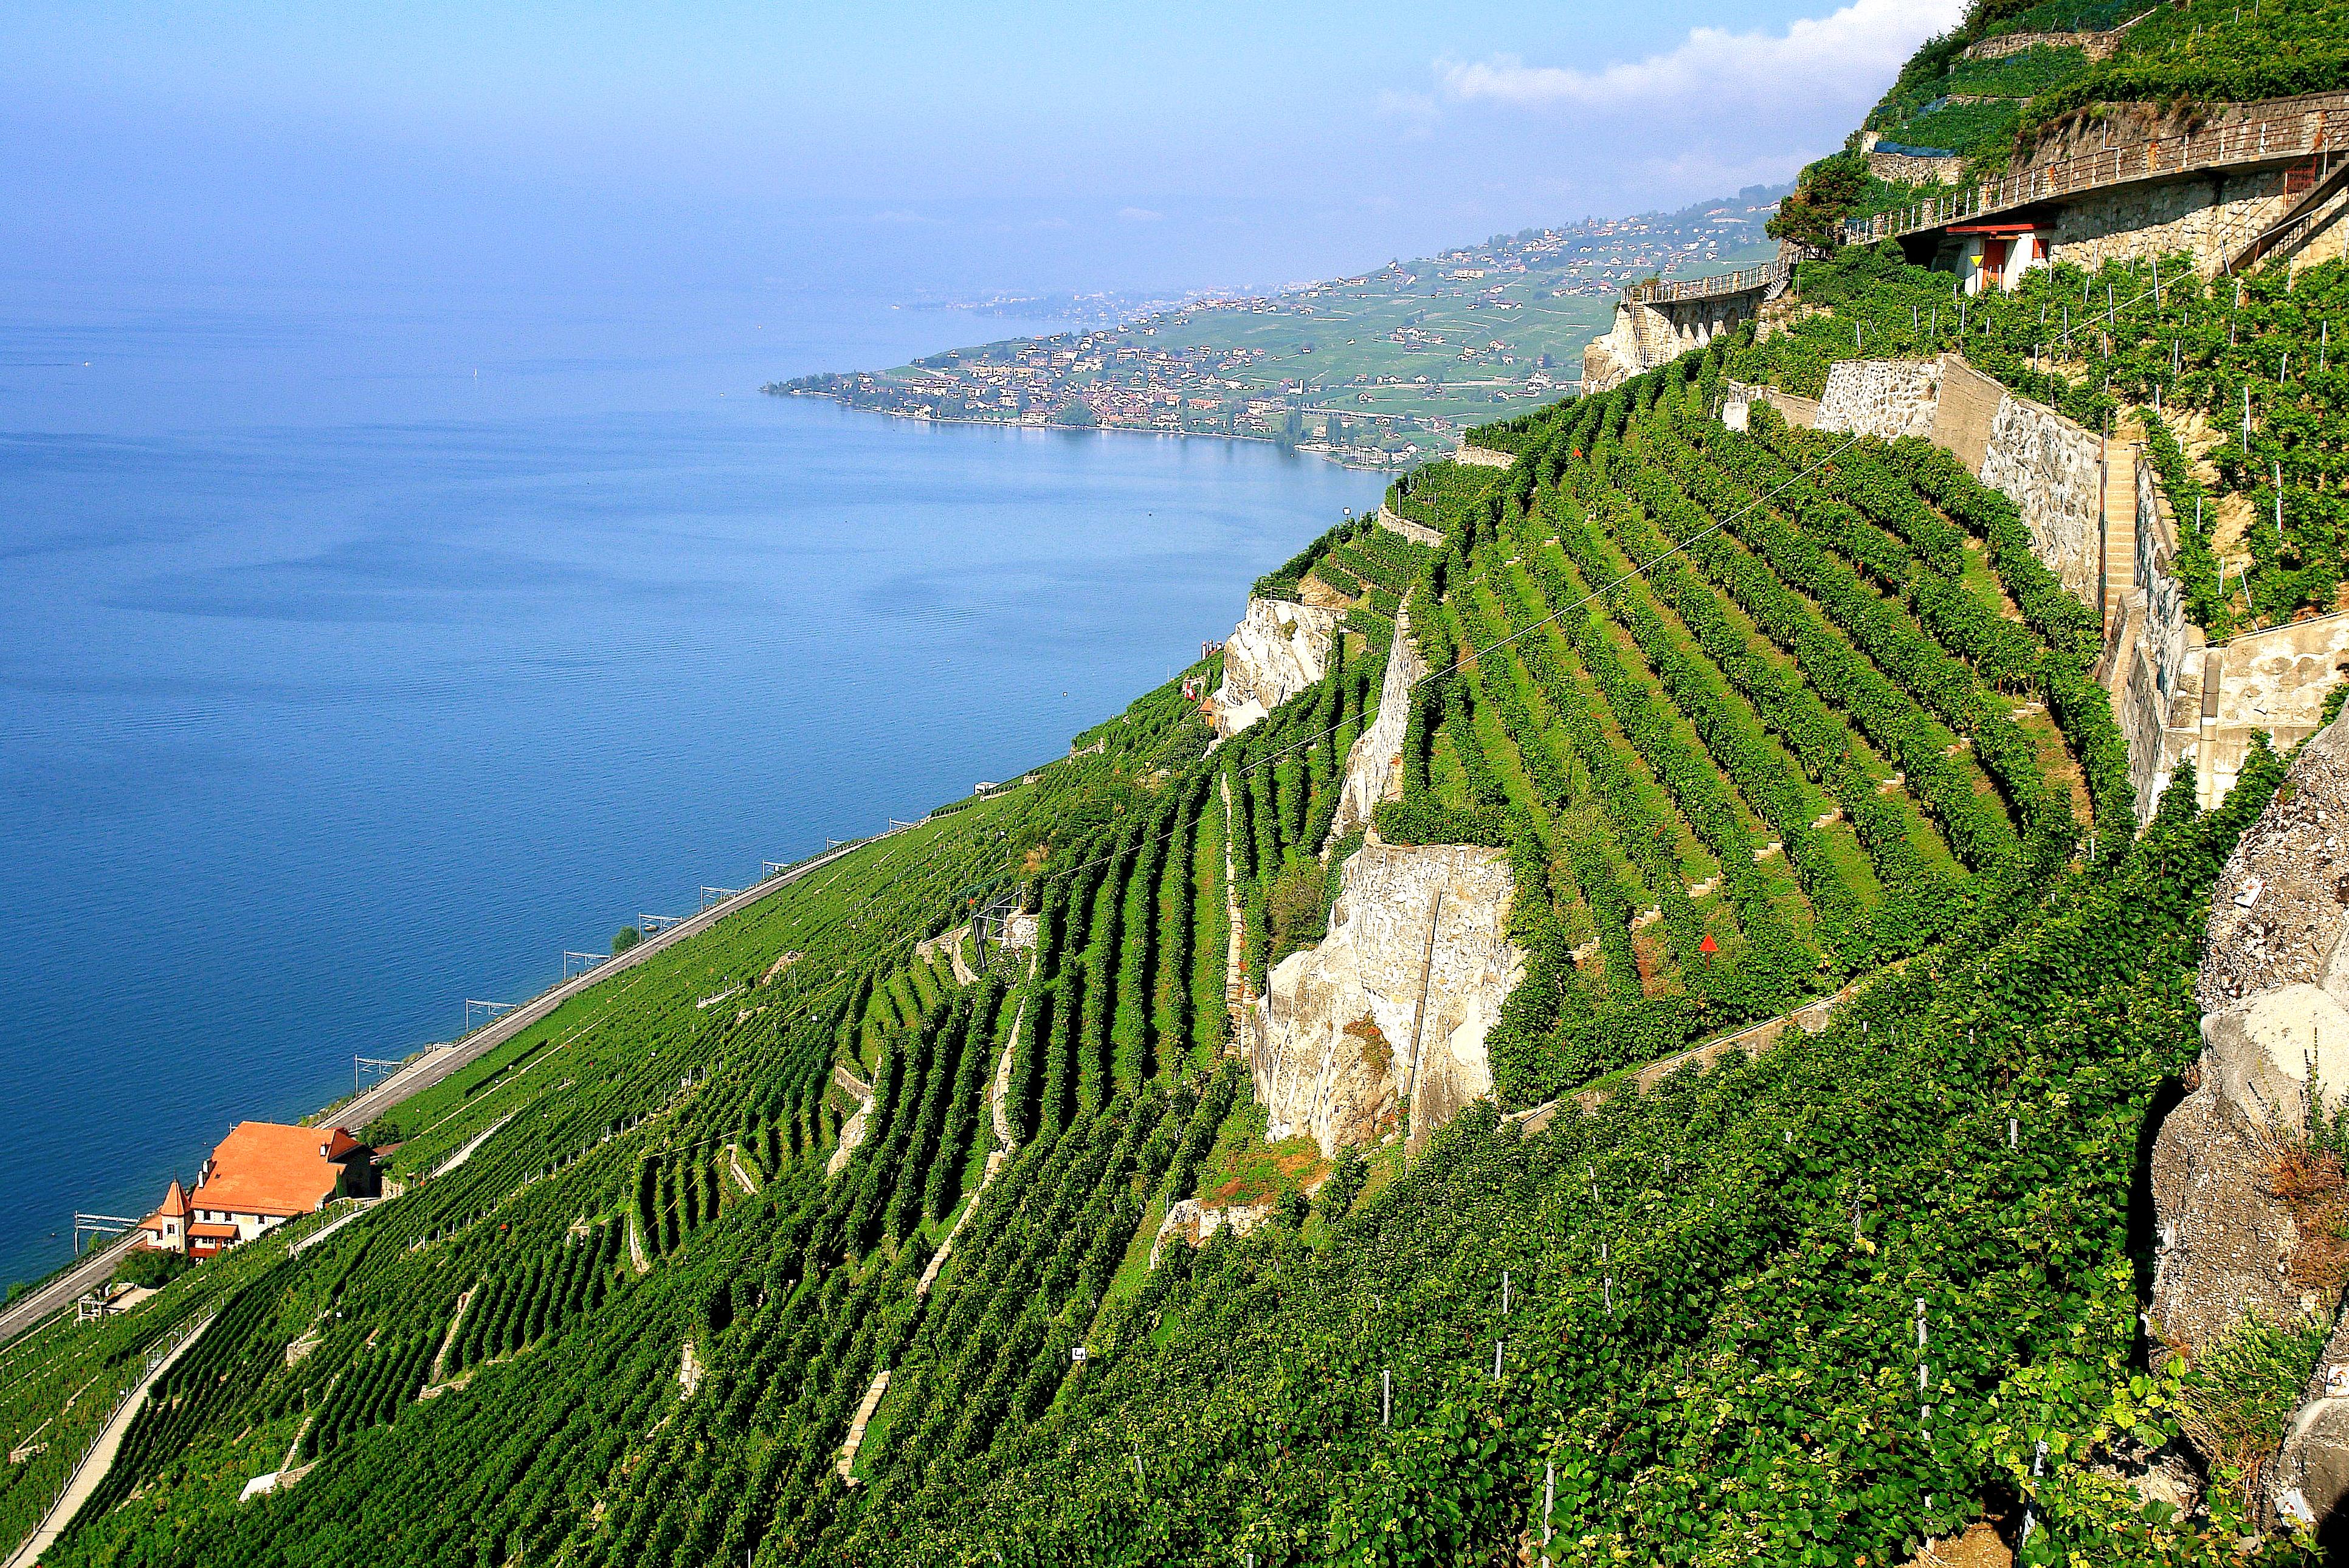 Les vignobles en terrasse avec vue sur le lac